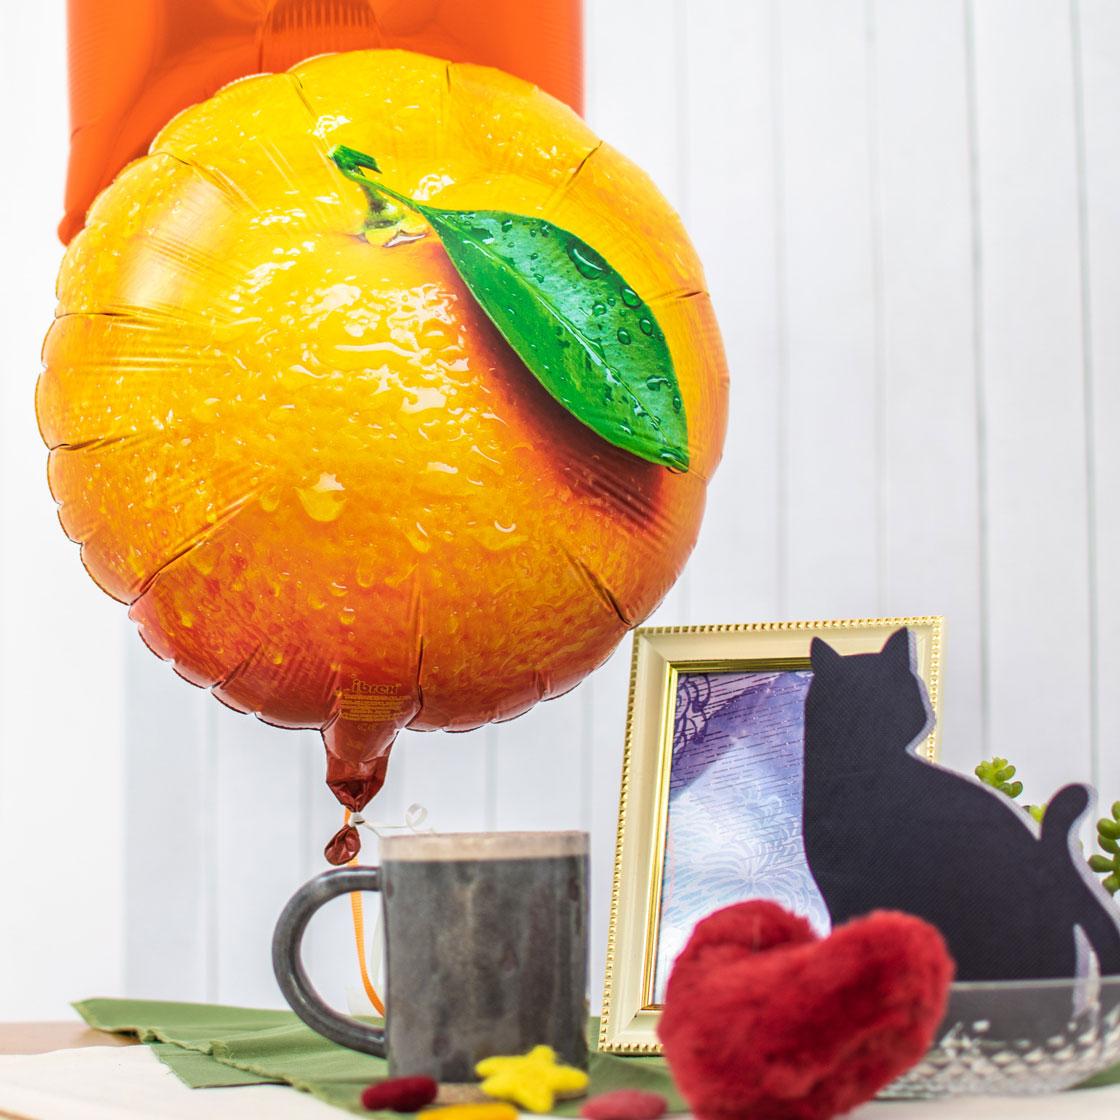 秋のフルーツをイメージしたバルーンアレンジ